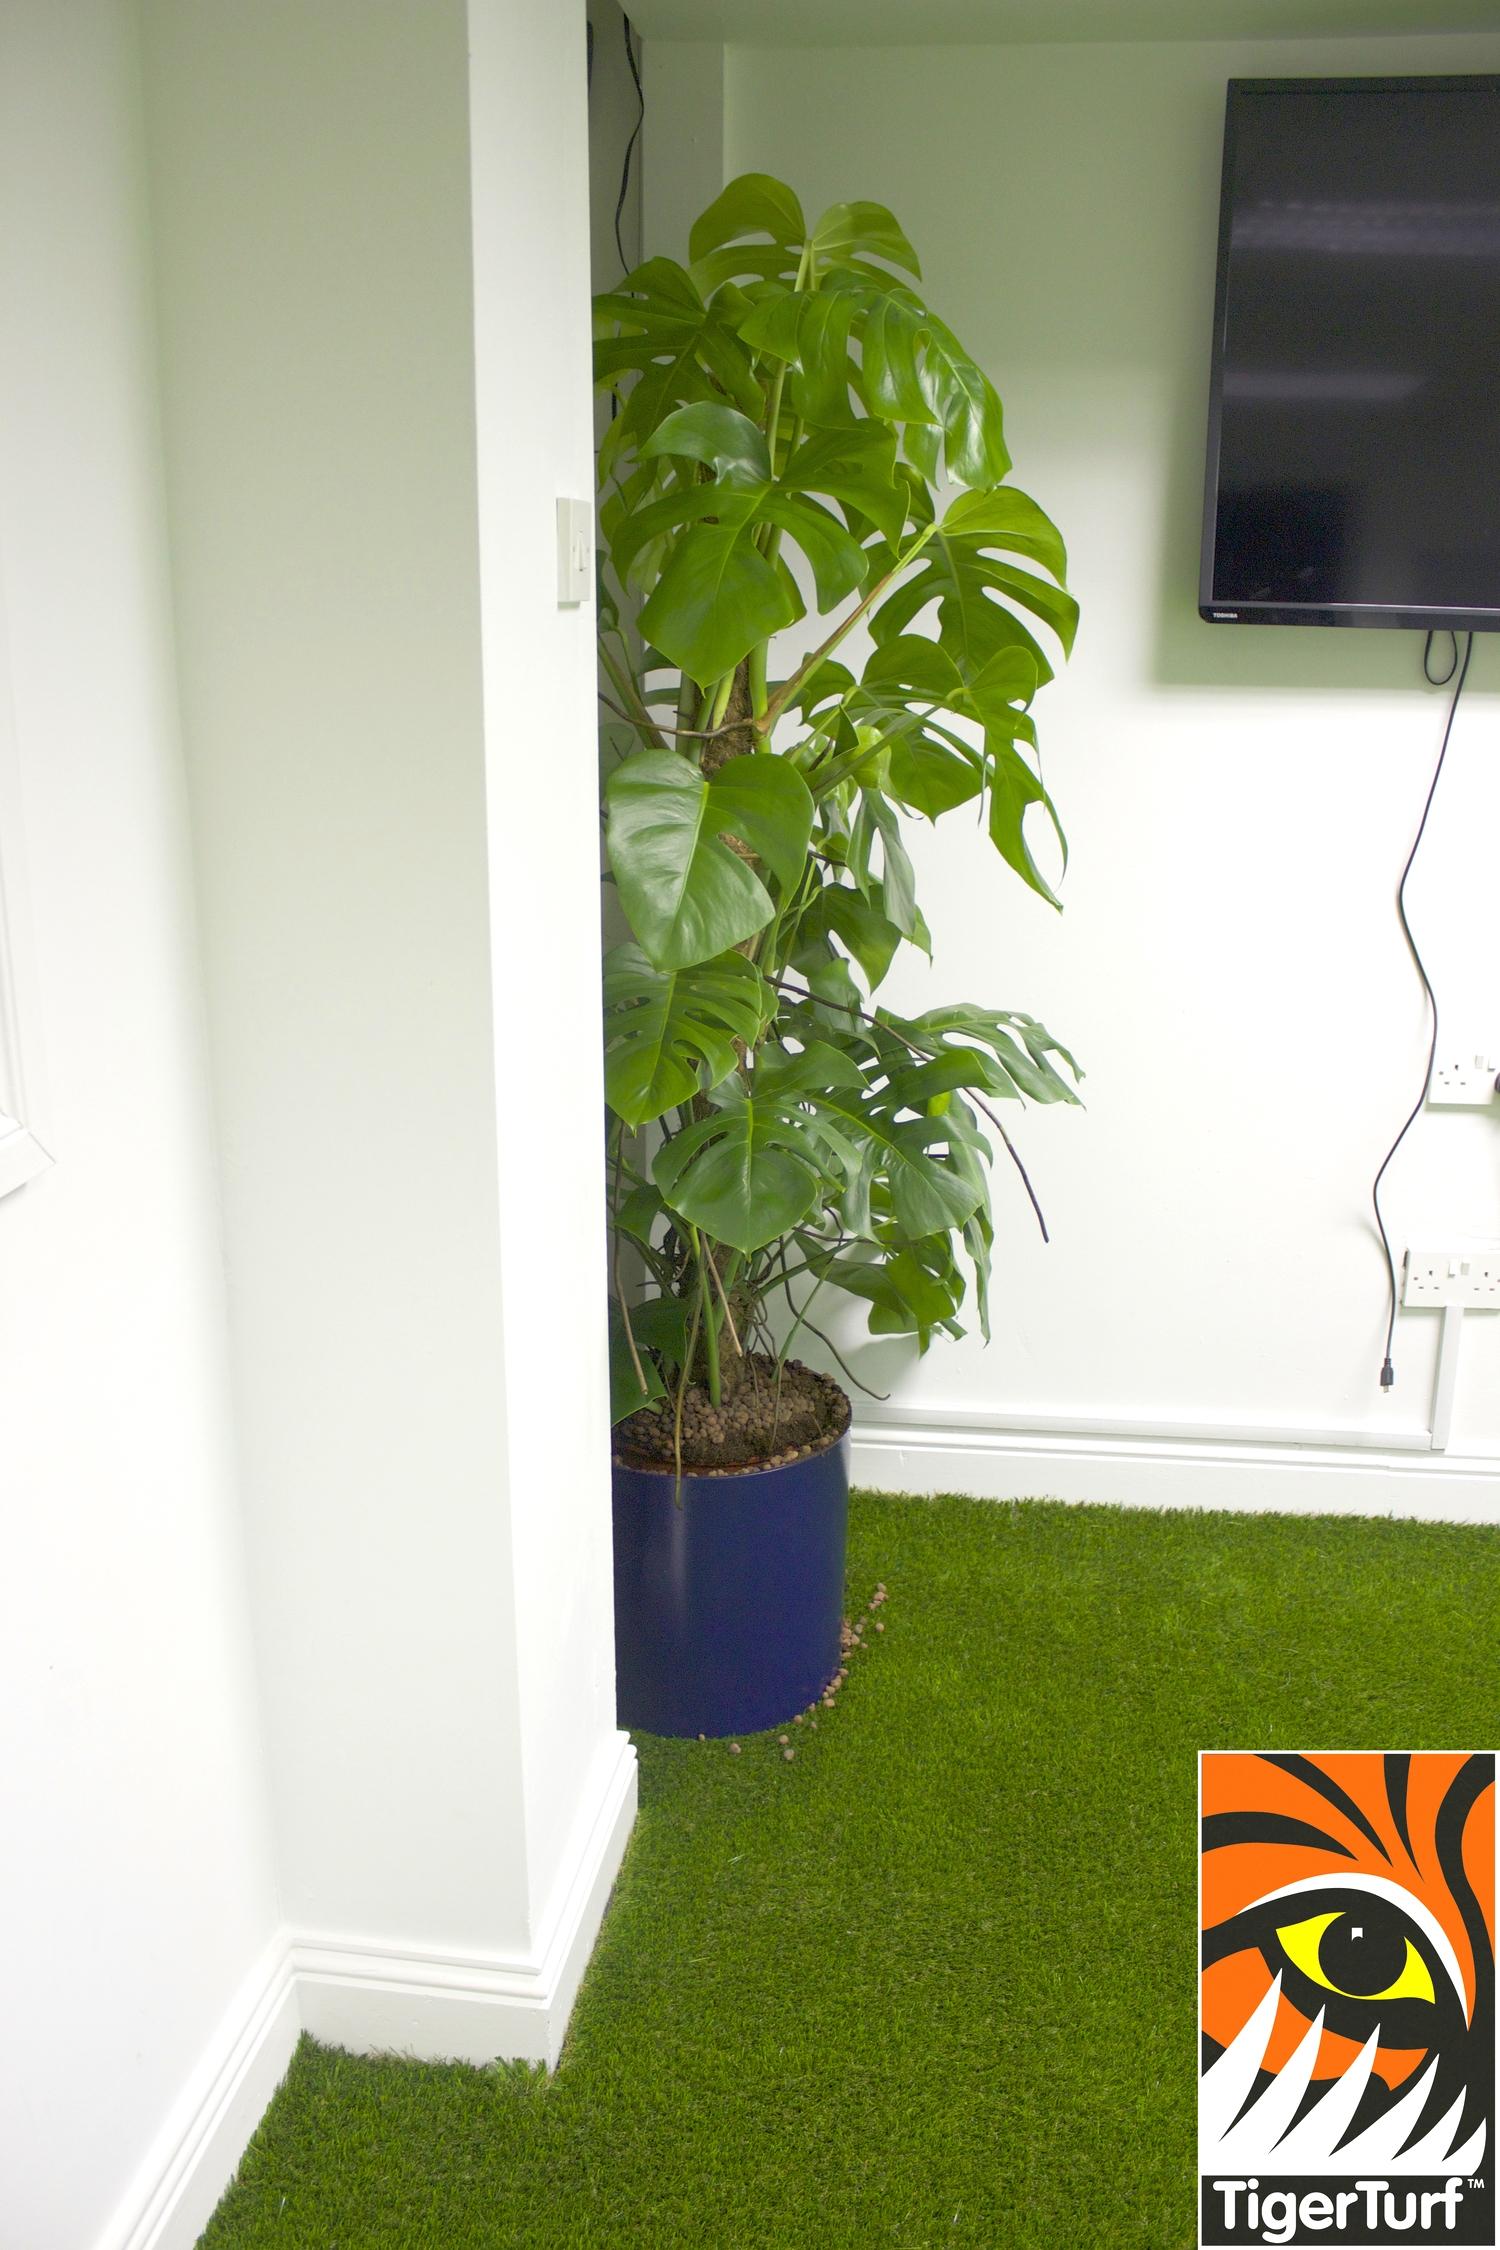 TigerTurf Office HQ